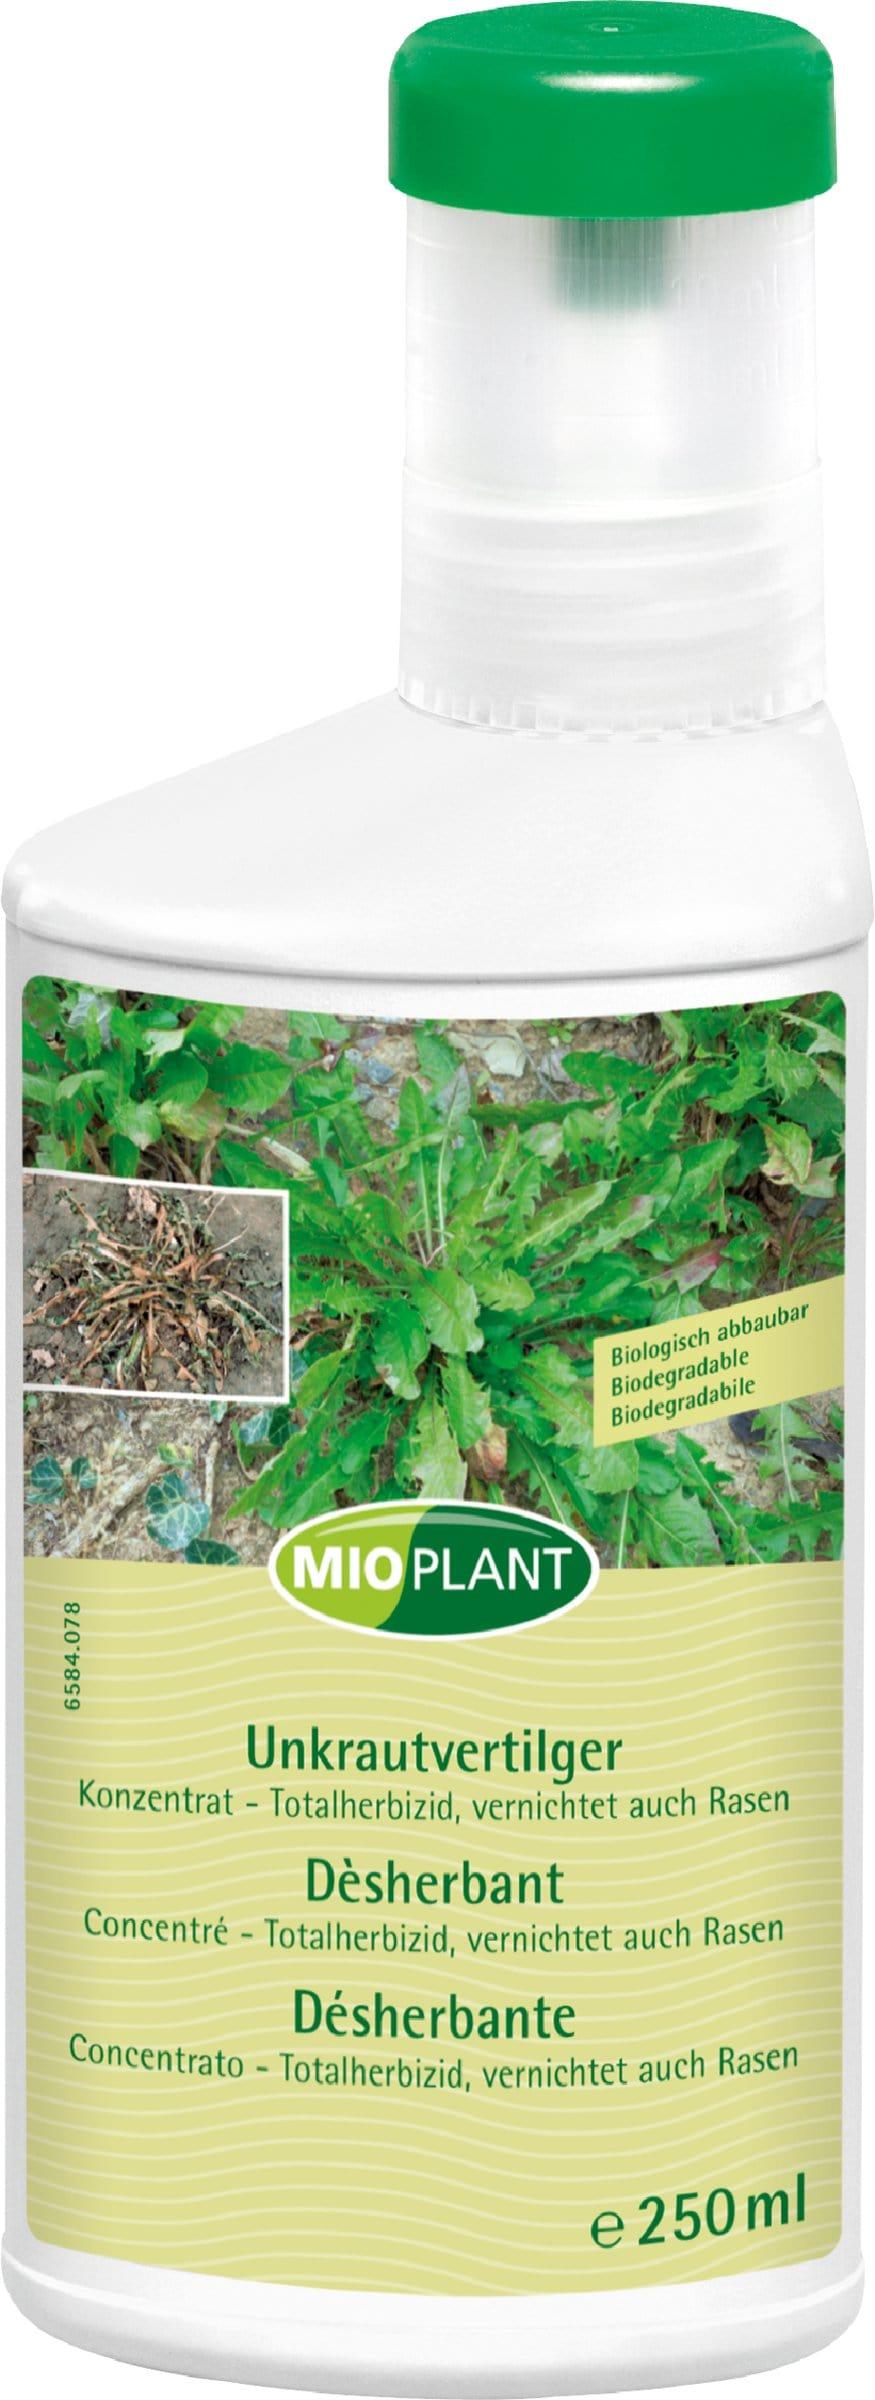 Mioplant Désherbant concentré, 250 ml